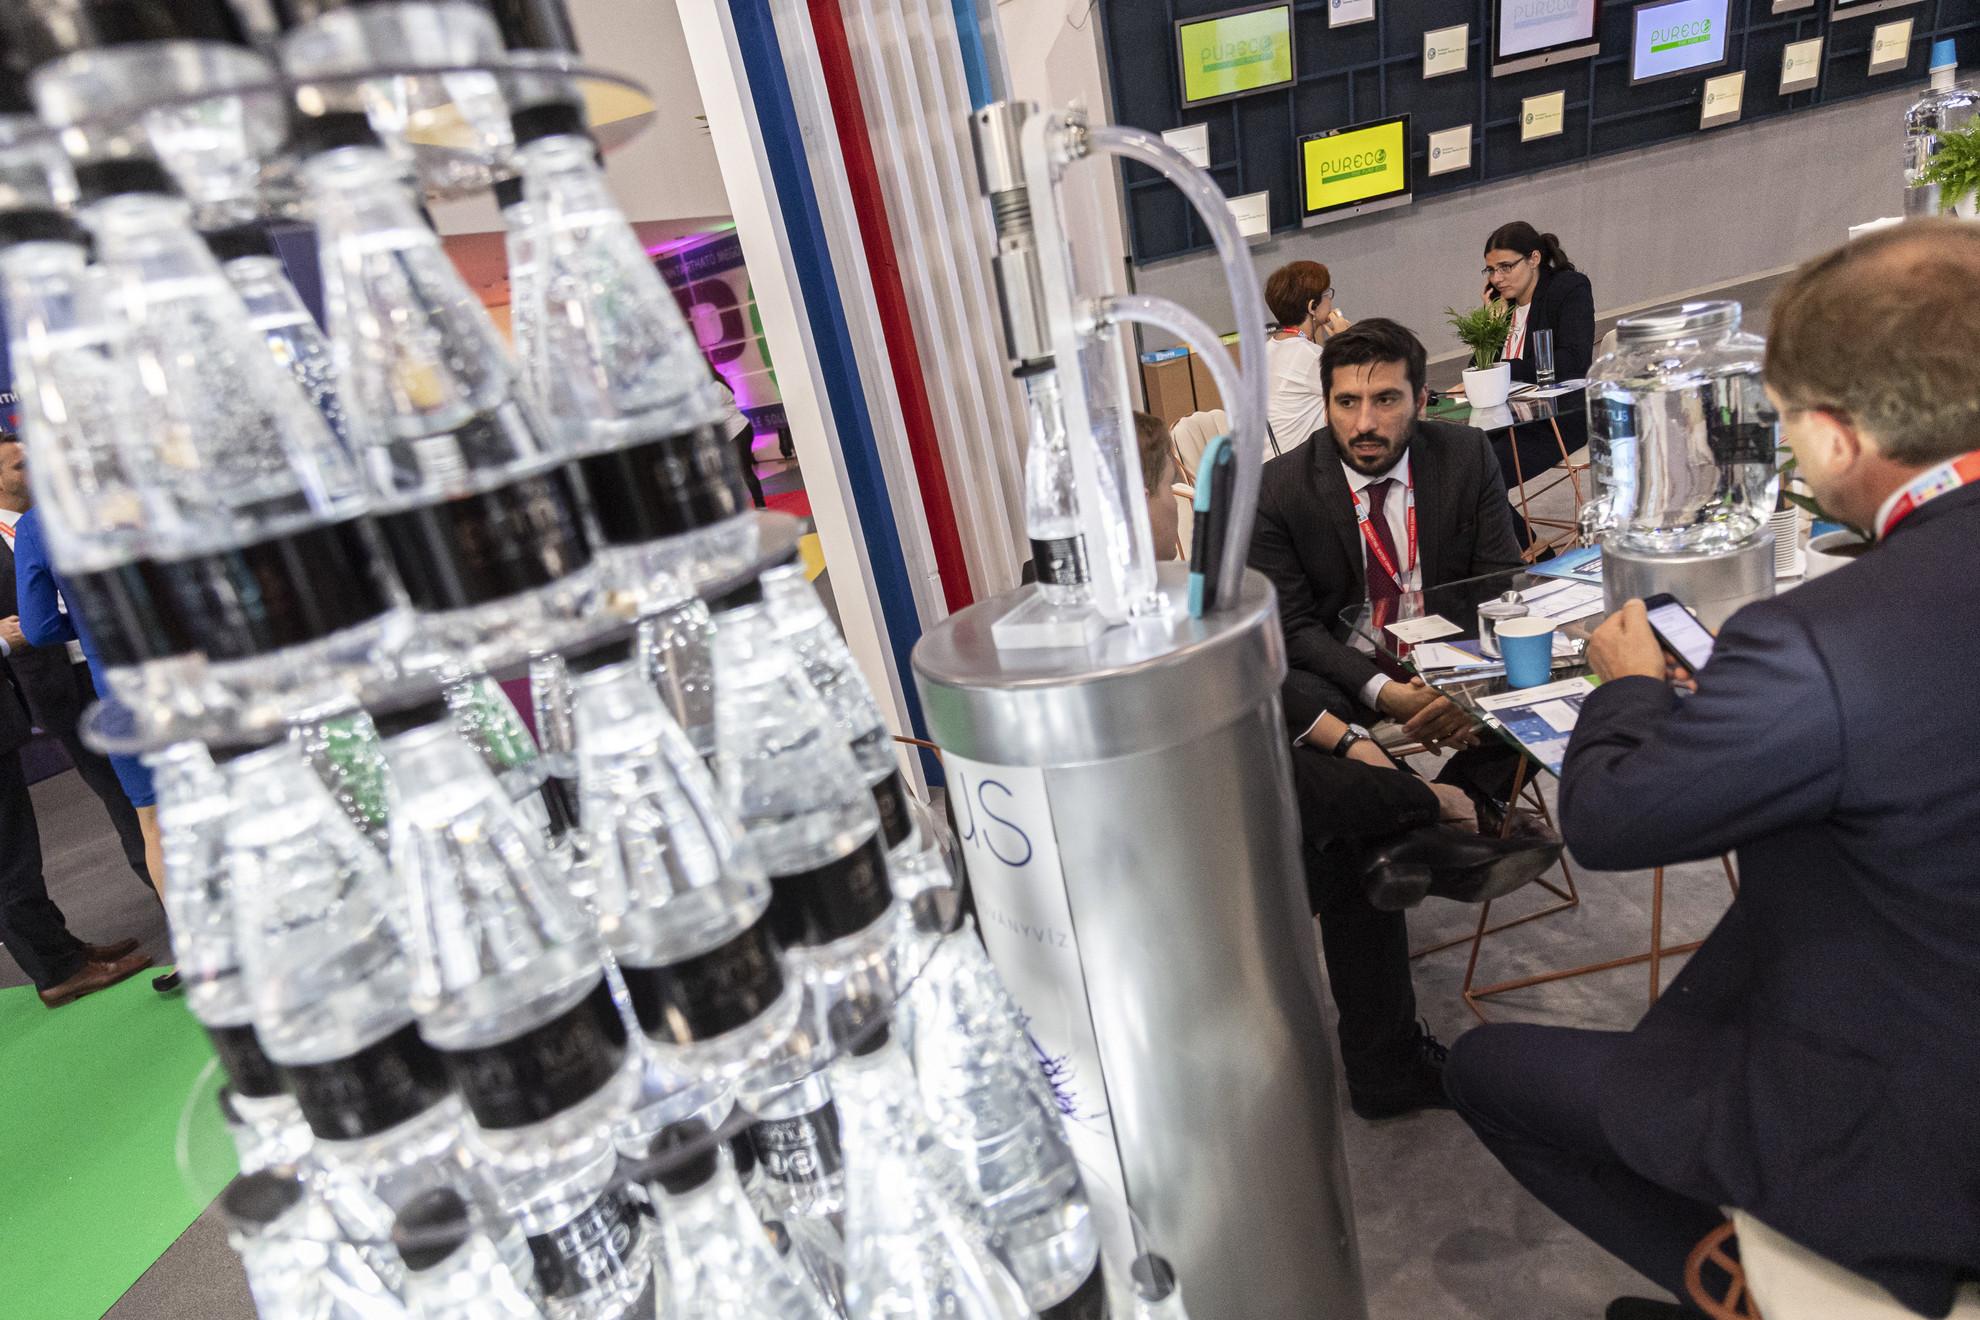 A Budapesti Víz Világtalálkozó 2019 tanácskozás részeként, a Külgazdasági és Külügyminisztérium és a Magyar Exportfejlesztési Ügynökség (HEPA) közös szervezésű Digitális és Természetközeli Fenntartható Megoldások című expója a Millenáris B épületében 2019. október 15-én. A szakkiállításon kétezer négyzetméteren 30 kiállító mutatja be a magyar vízipar innovációit, amelyek fontos szerepet játszhatnak a vízválság megelőzésében